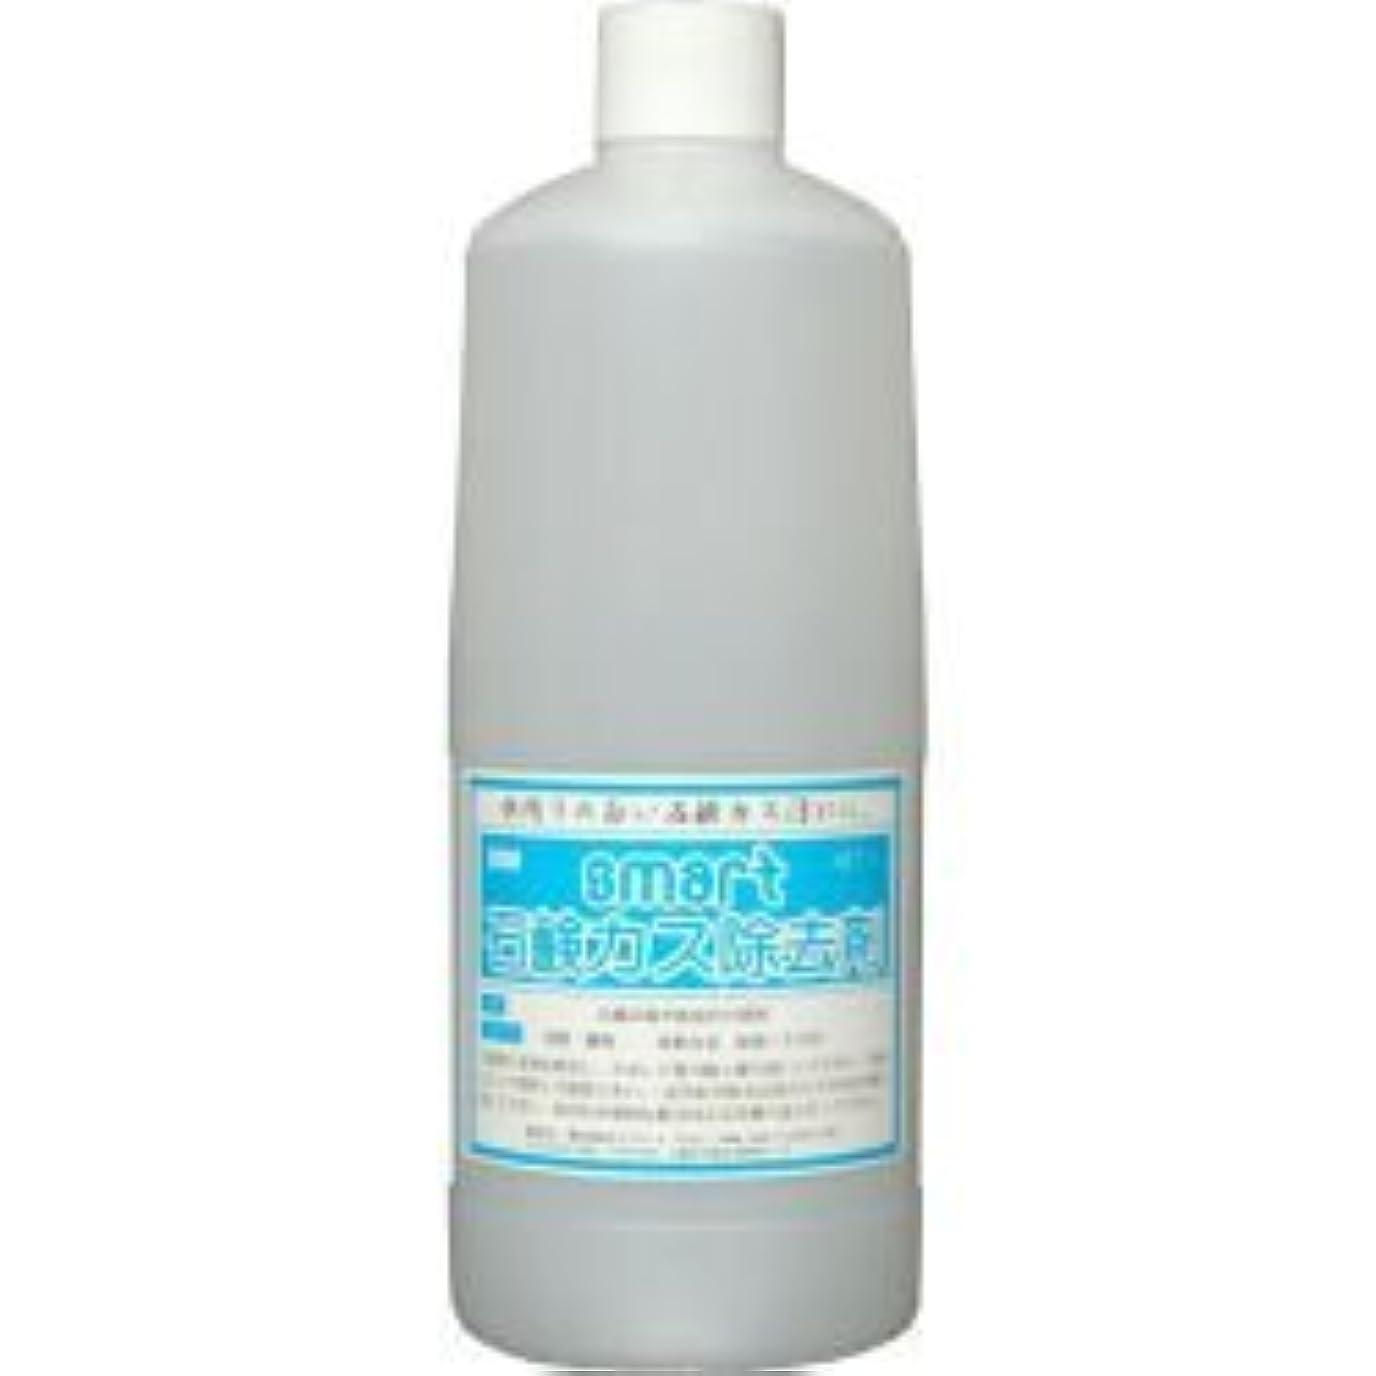 ハンサム背が高い本物スマート石鹸カス除去剤 1L